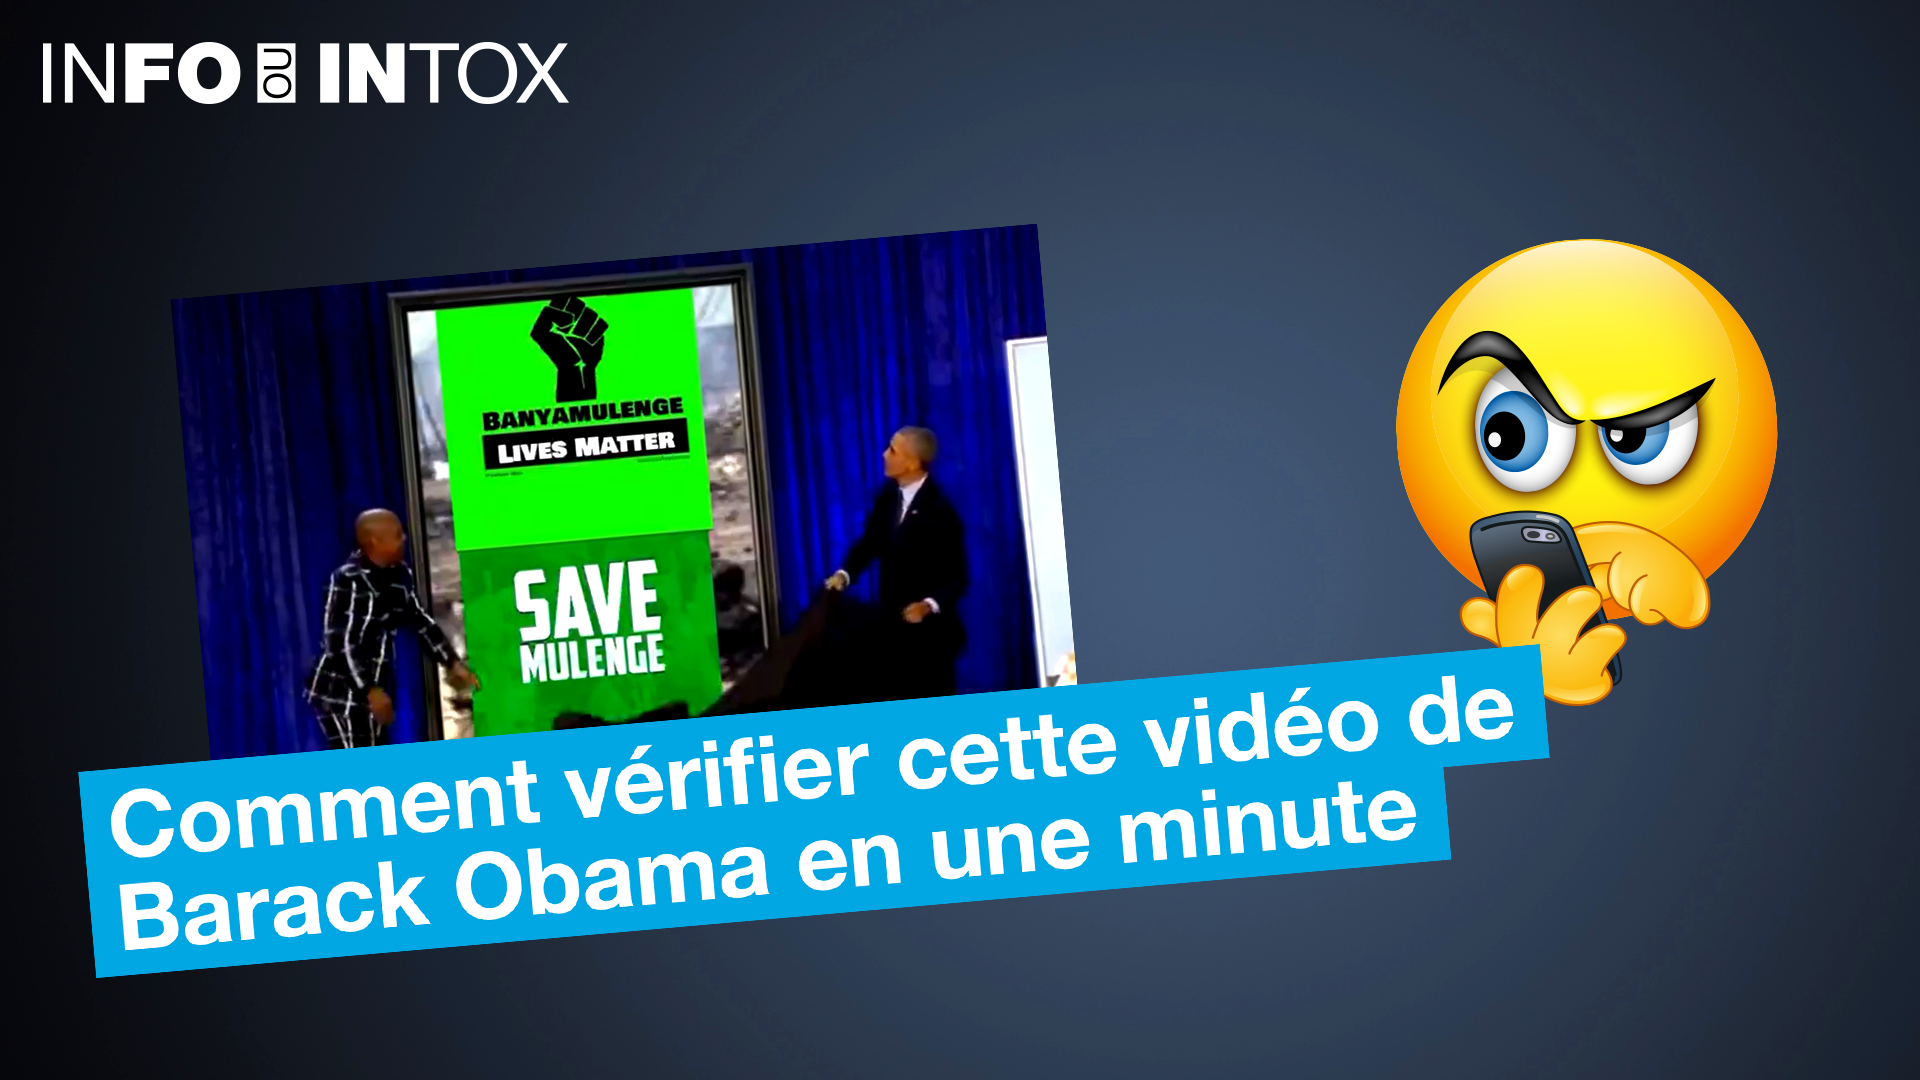 Barack Obama qui révèle une affiche de soutien aux Banyamulenge de RD Congo ?  On vous explique comment vérifier pas à pas cette vidéo.